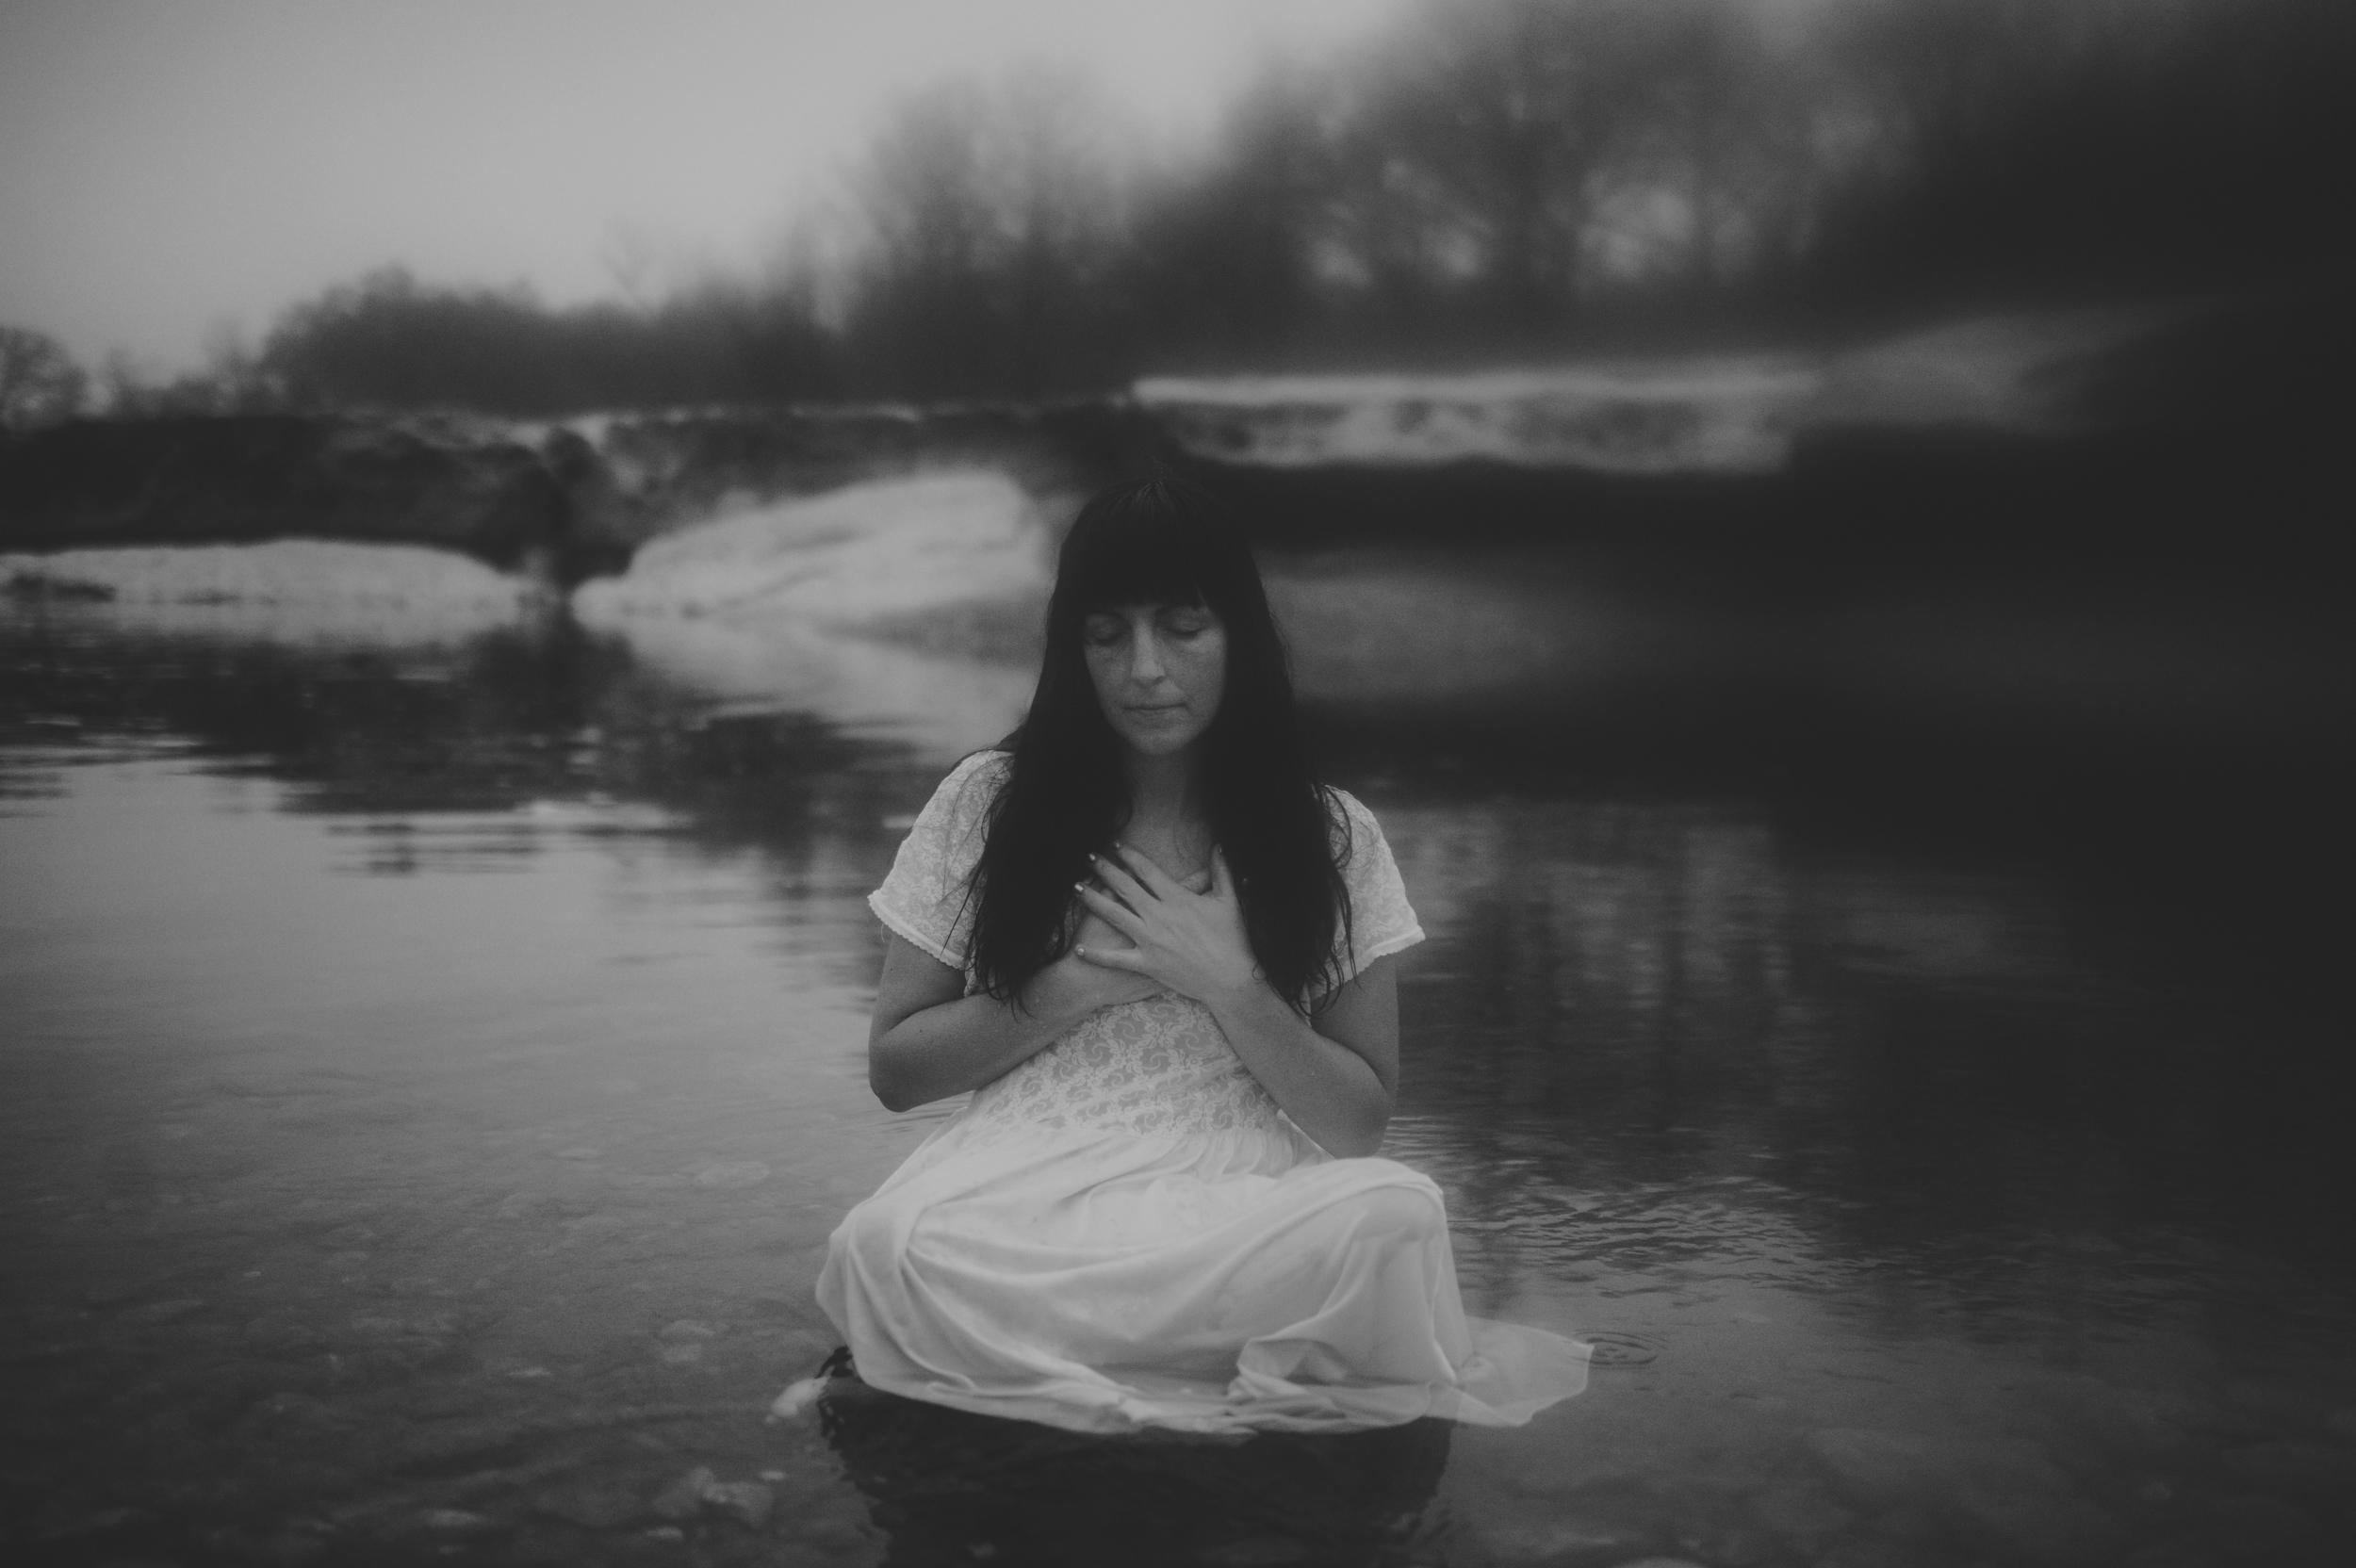 river-story-joy-gardella180.JPG